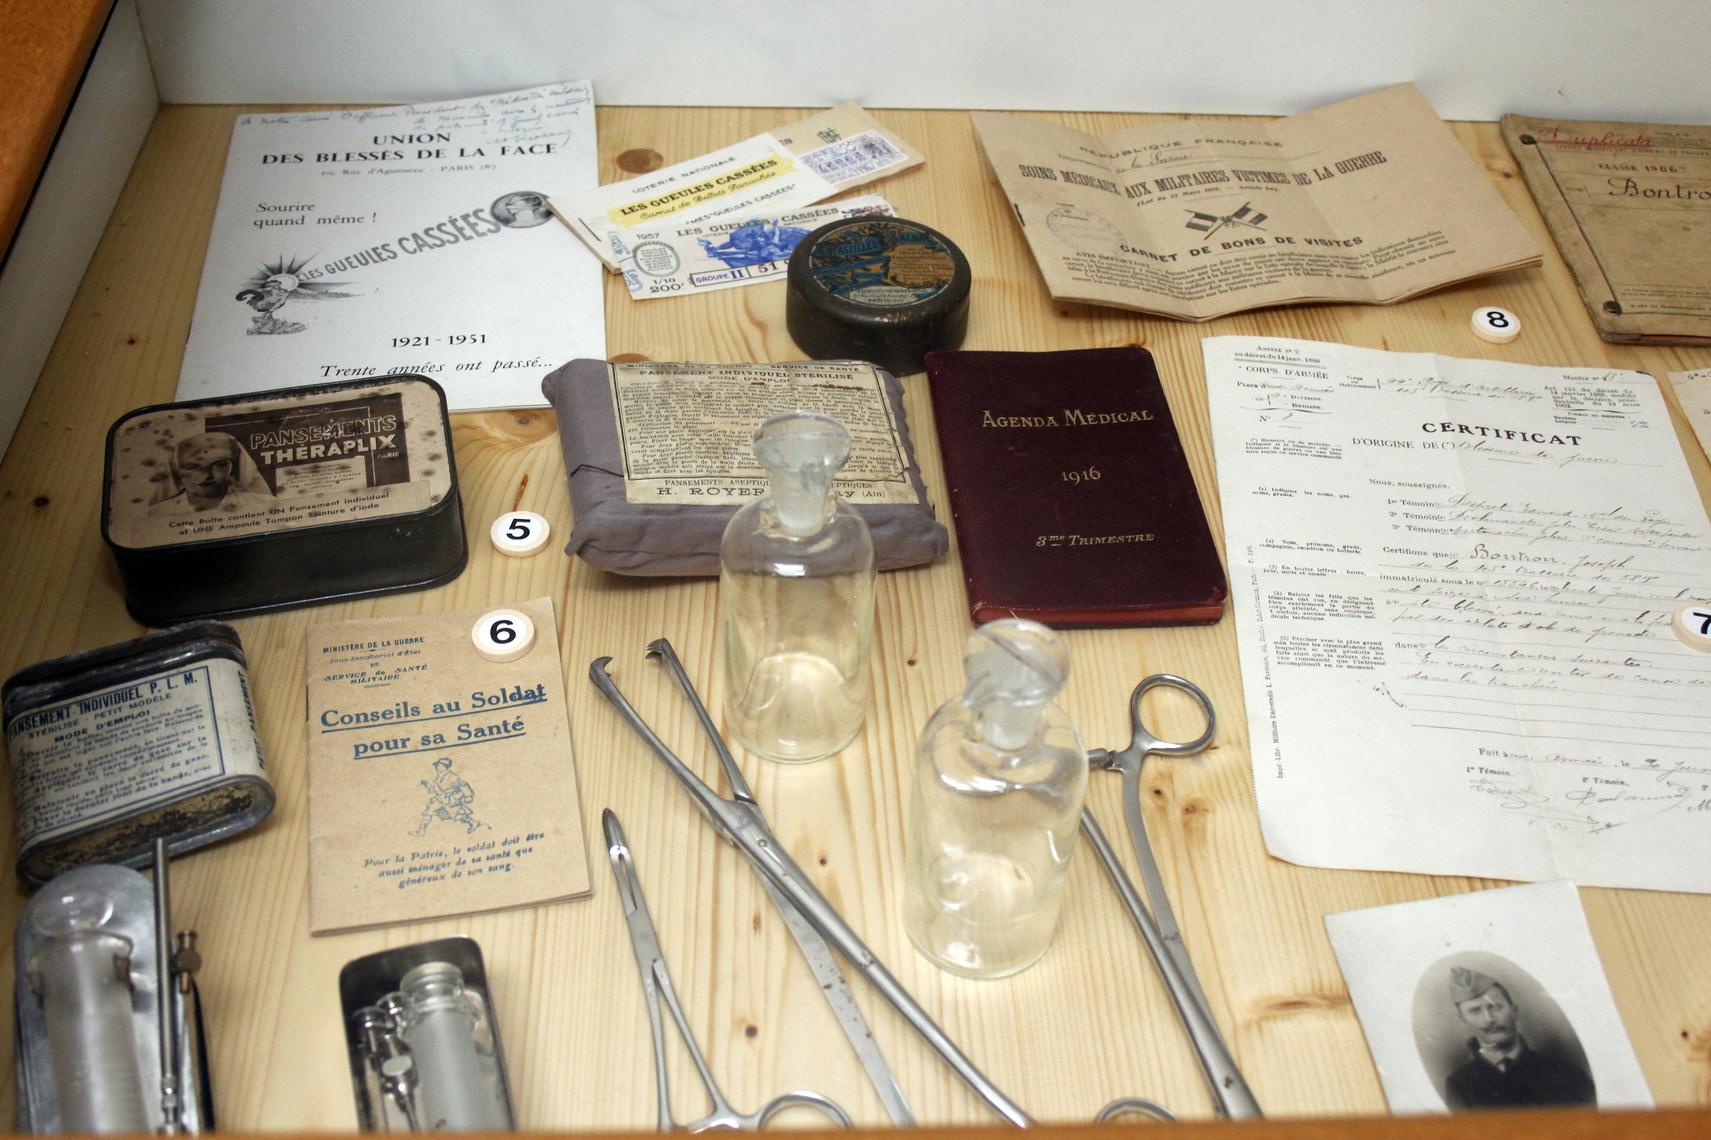 Des pansements, fioles, seringues, pinces chirurgicales mais aussi des documents comme « Conseils au Soldat pour sa santé».